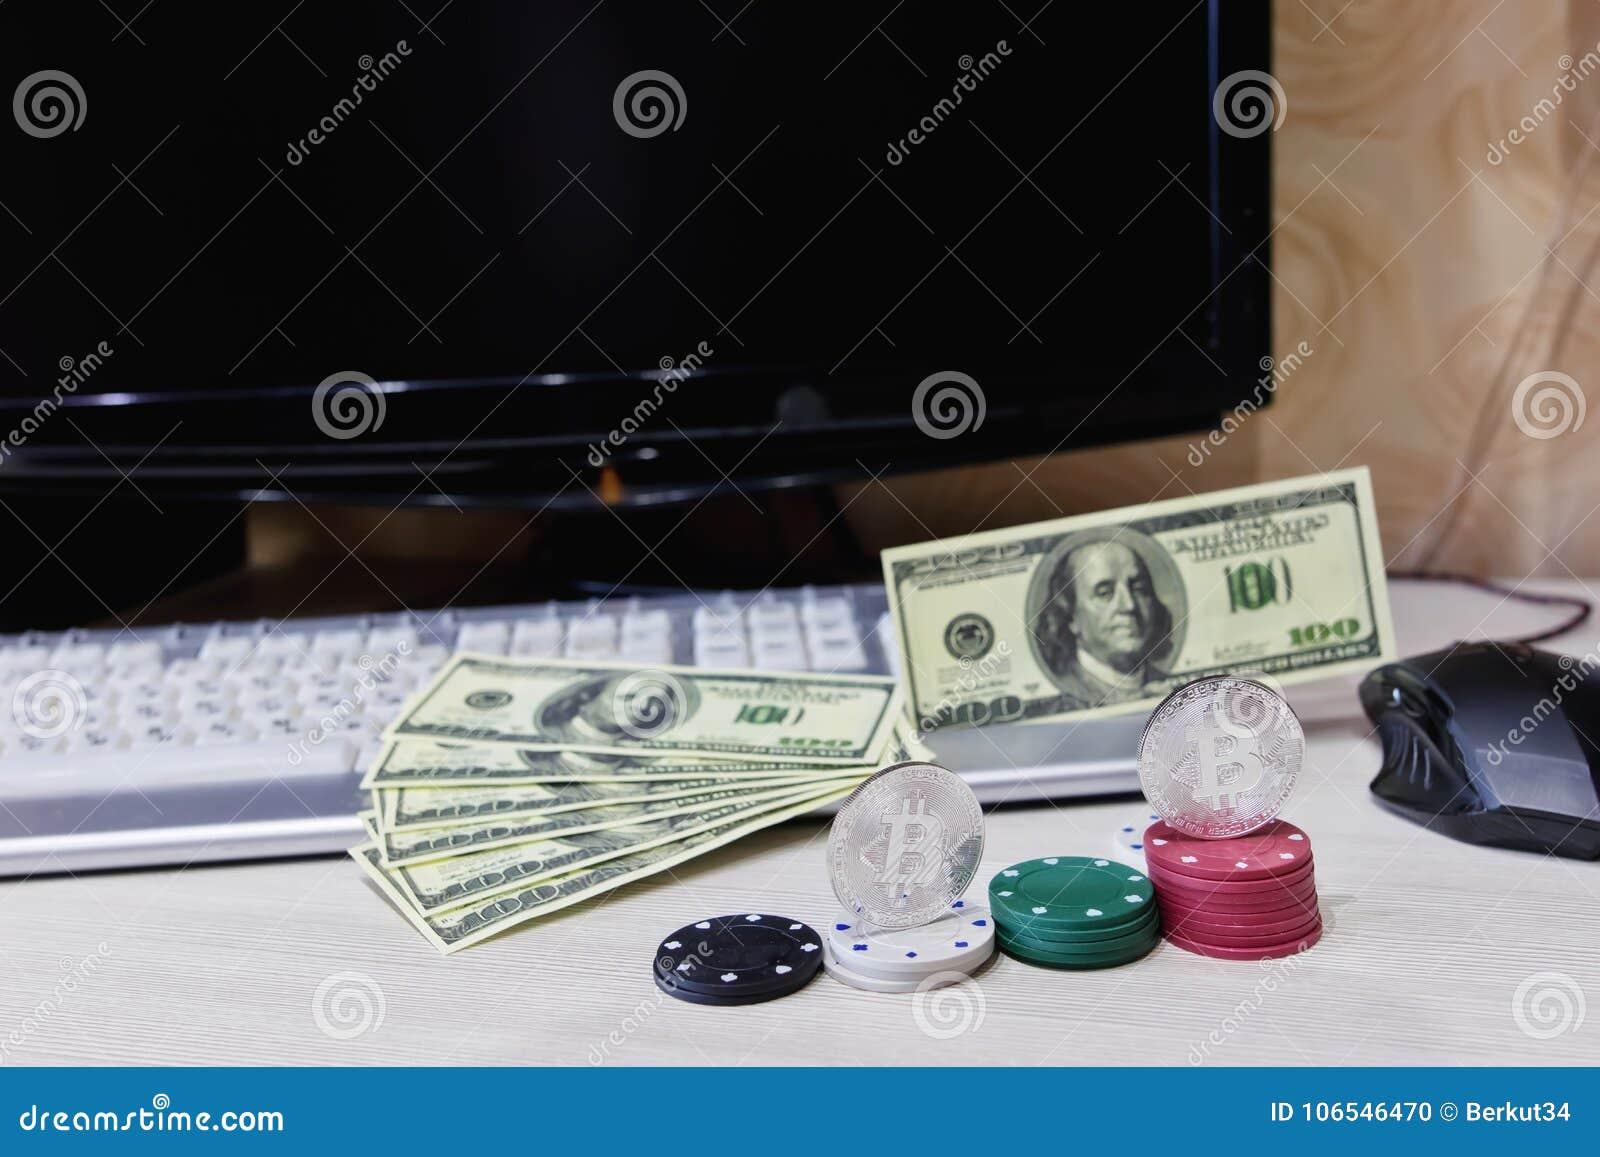 Tabellspelaregå i flisor cards myntar online-kasinot, och cryptocurrency